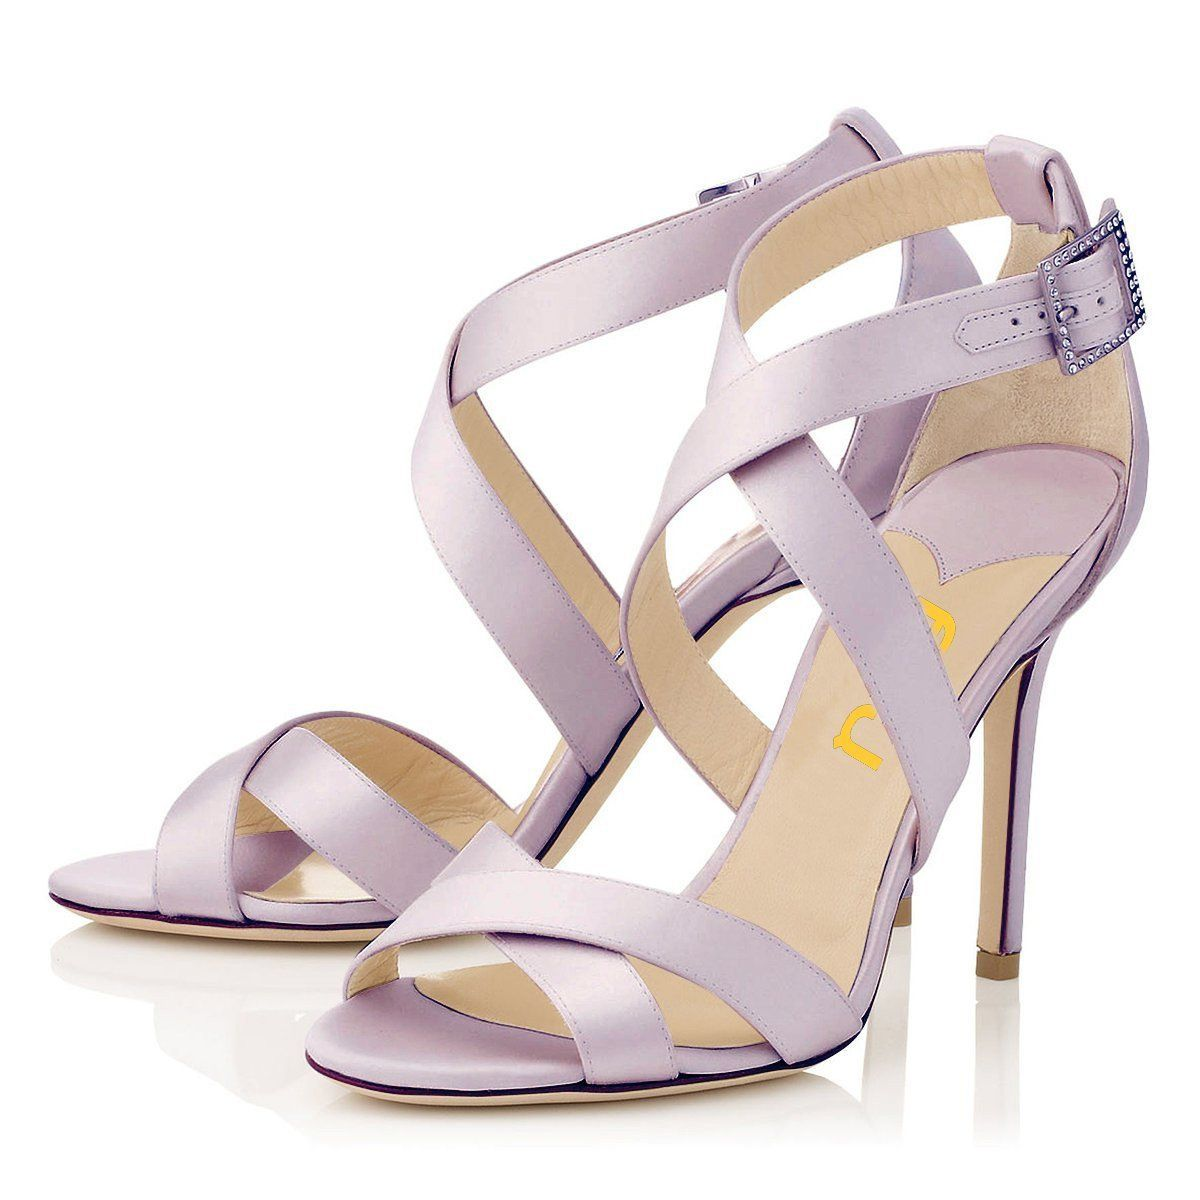 Fsj Viola Purple Crossed Sandals Wedding Shoes Gallery In 2019